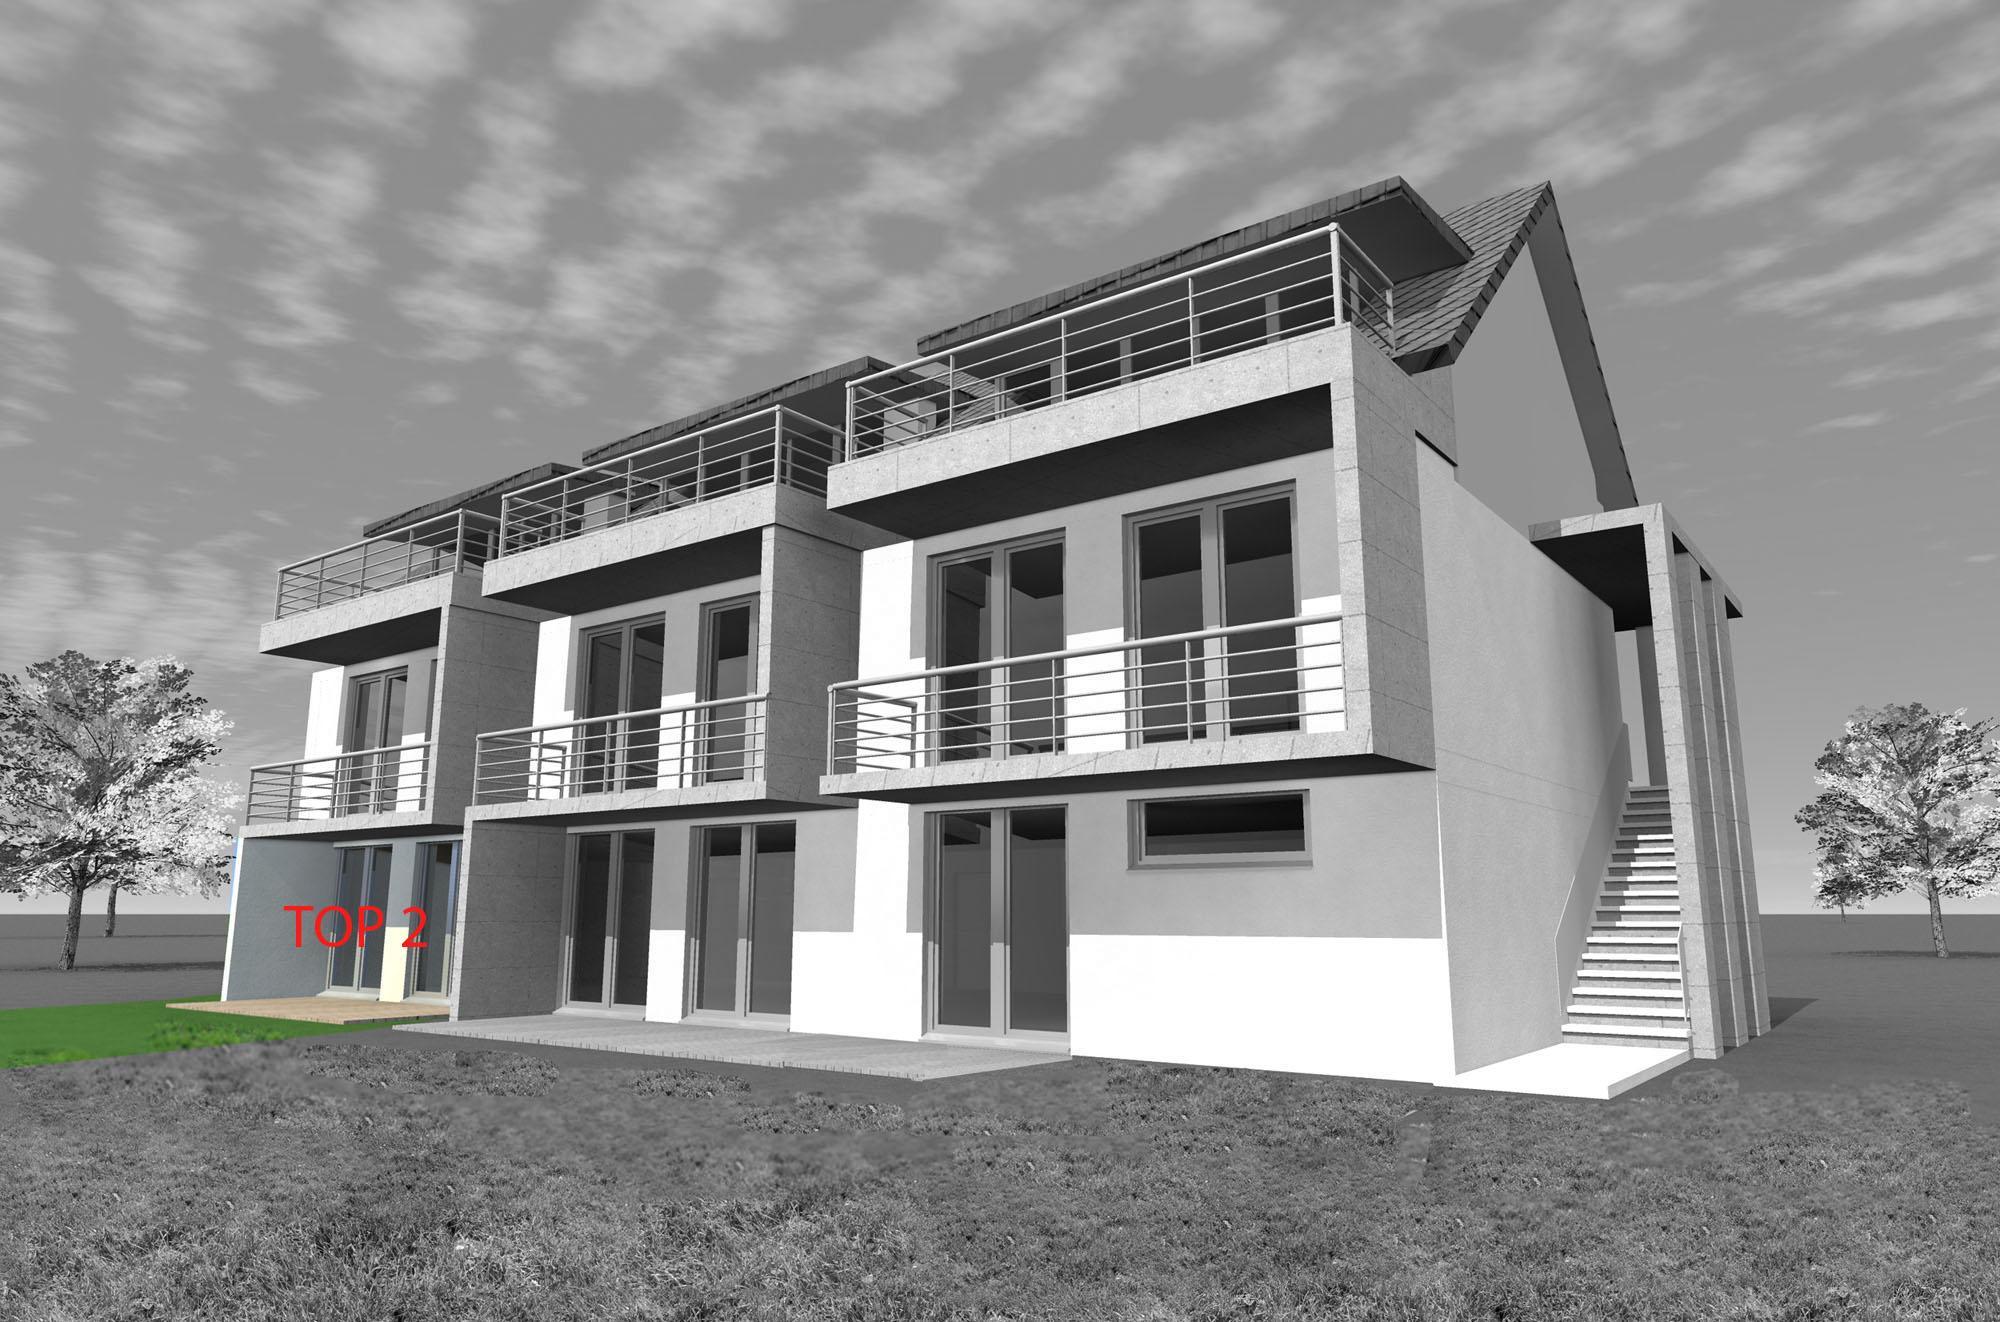 mietwohnung radlerweg top 2 wohnung mieten 4101 feldkirchen an der donau fahrner gmbh. Black Bedroom Furniture Sets. Home Design Ideas